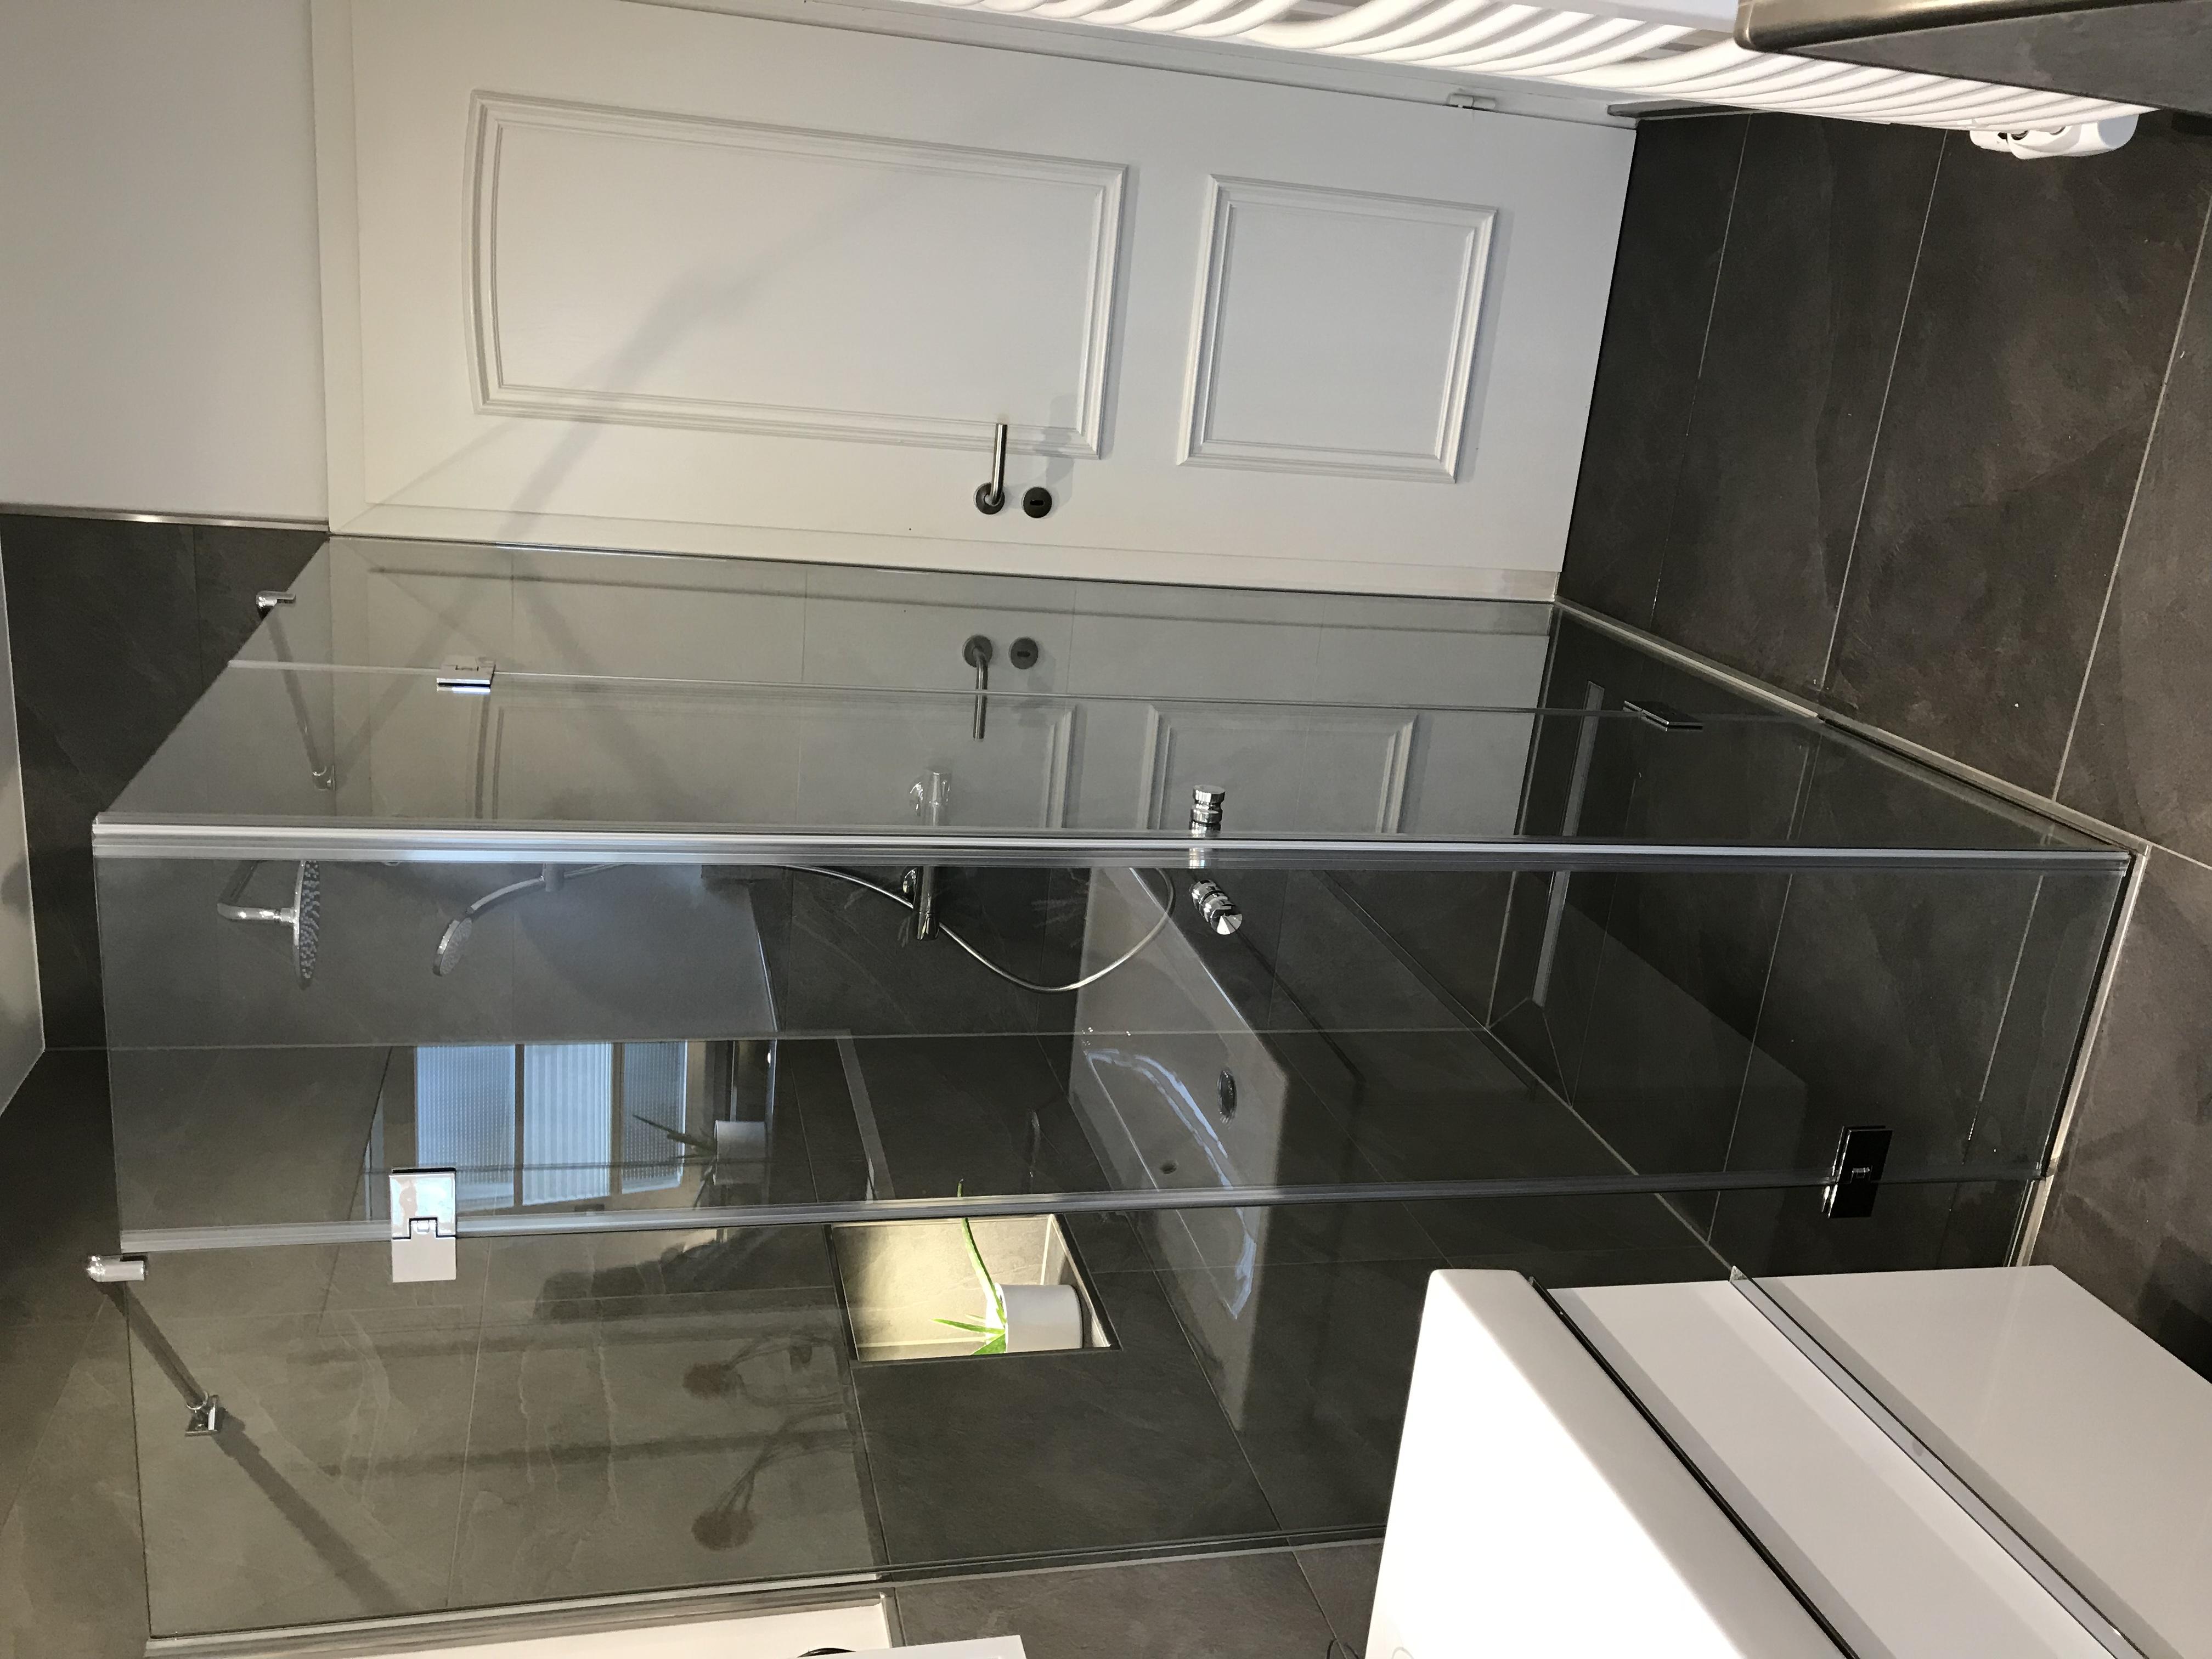 duschkabinen nach ma archive seite 4 von 16 glas goldschmidt gmbh co kg. Black Bedroom Furniture Sets. Home Design Ideas